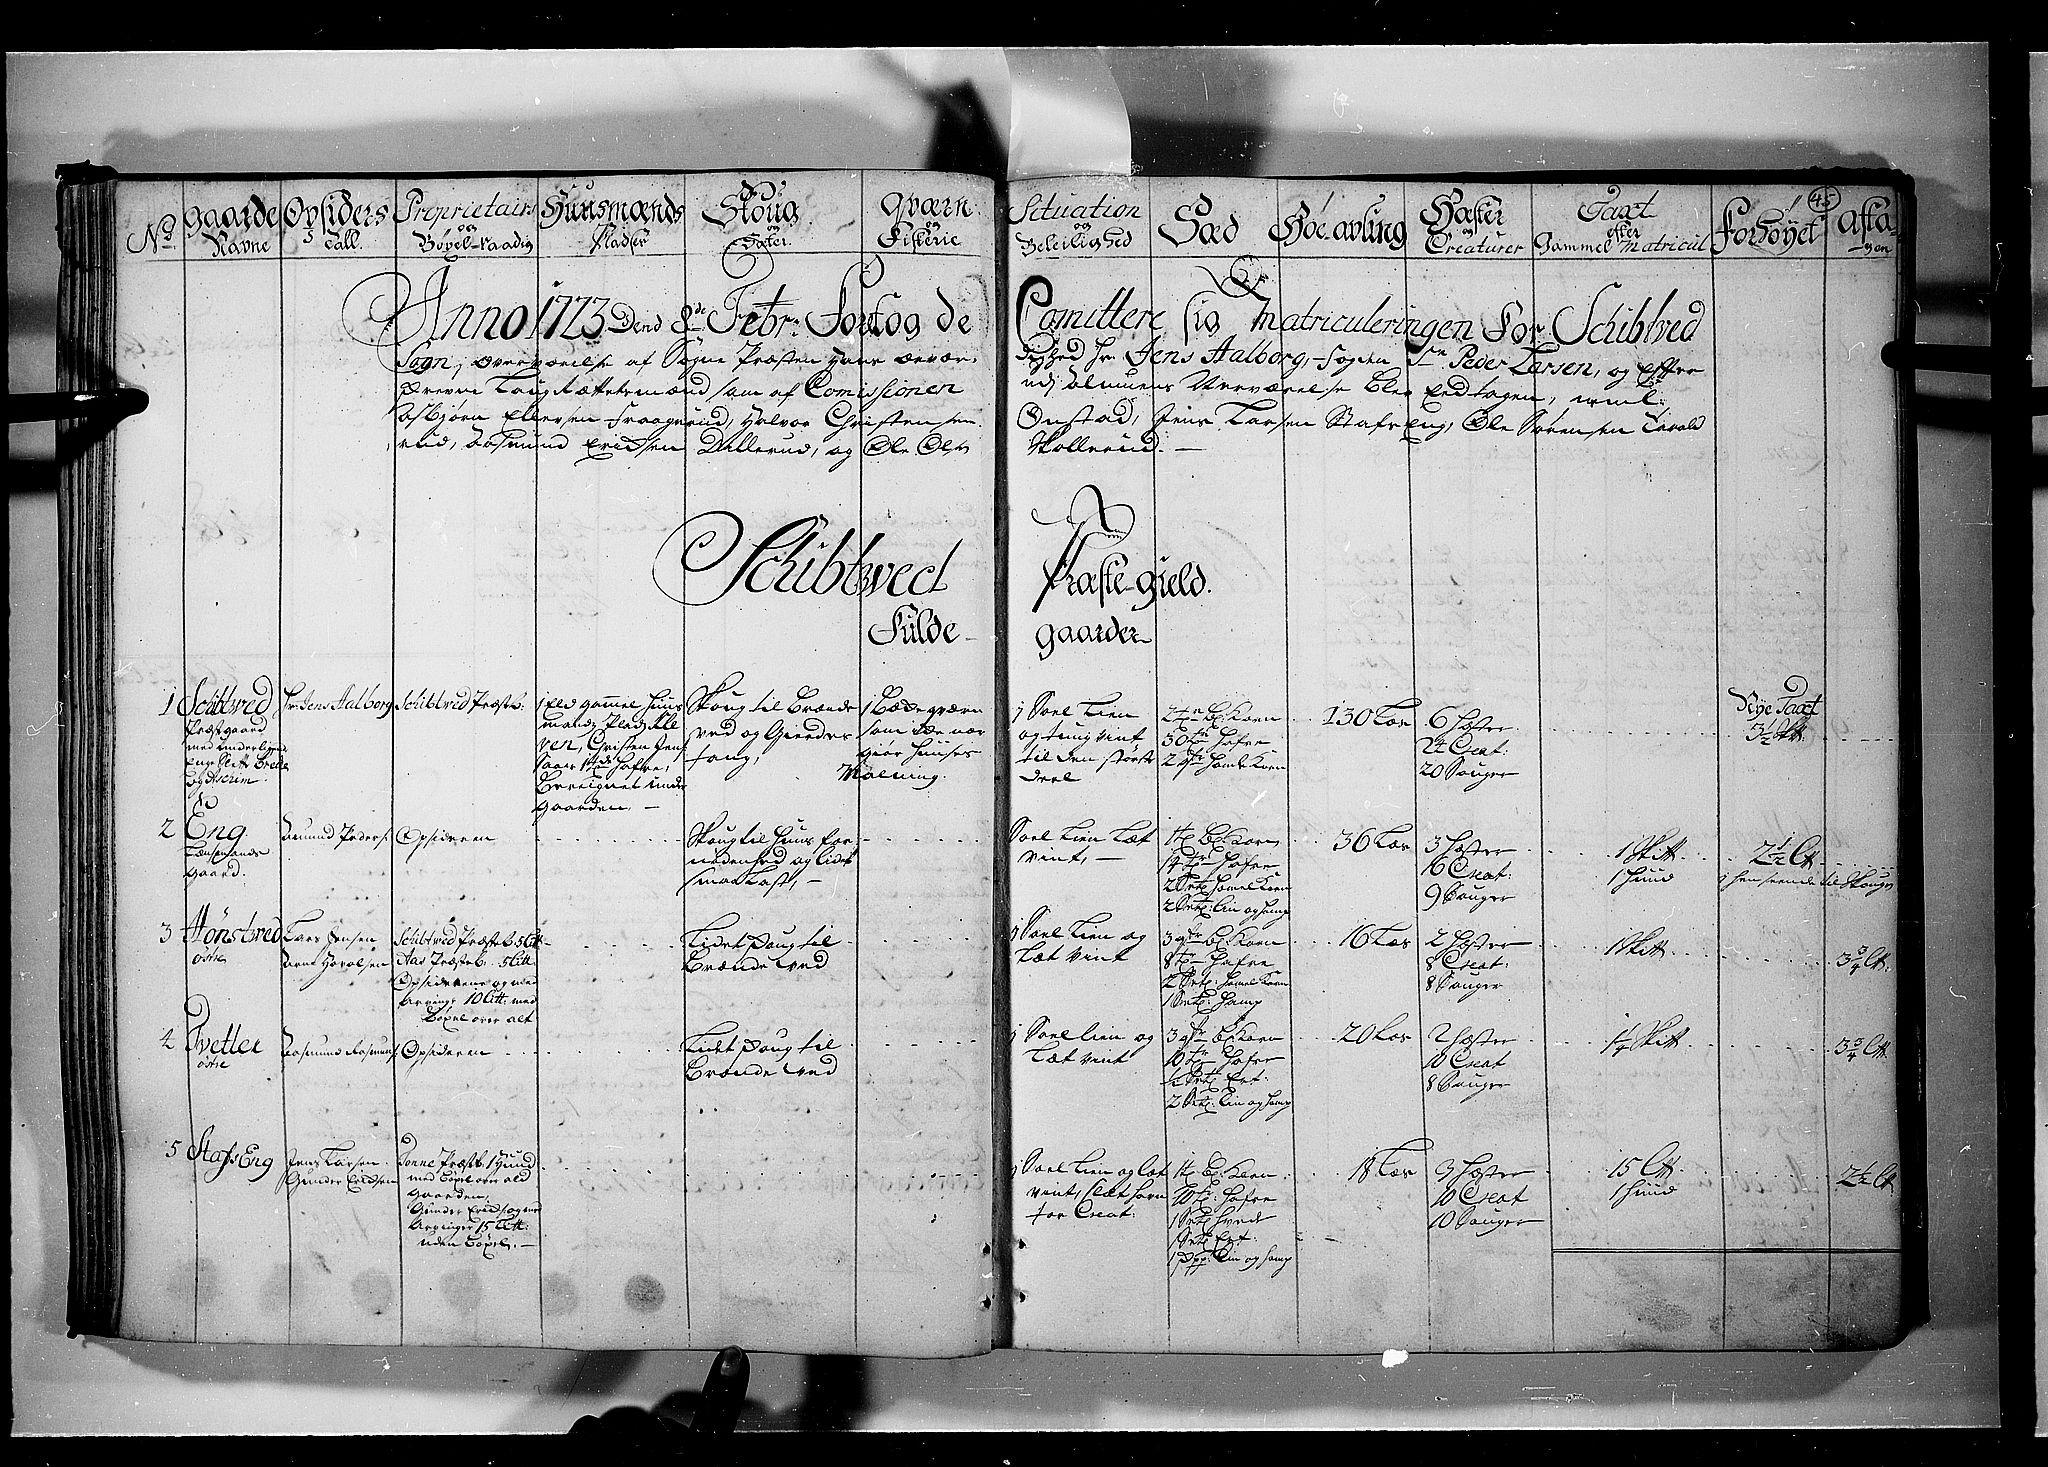 RA, Rentekammeret inntil 1814, Realistisk ordnet avdeling, N/Nb/Nbf/L0099: Rakkestad, Heggen og Frøland eksaminasjonsprotokoll, 1723, s. 44b-45a